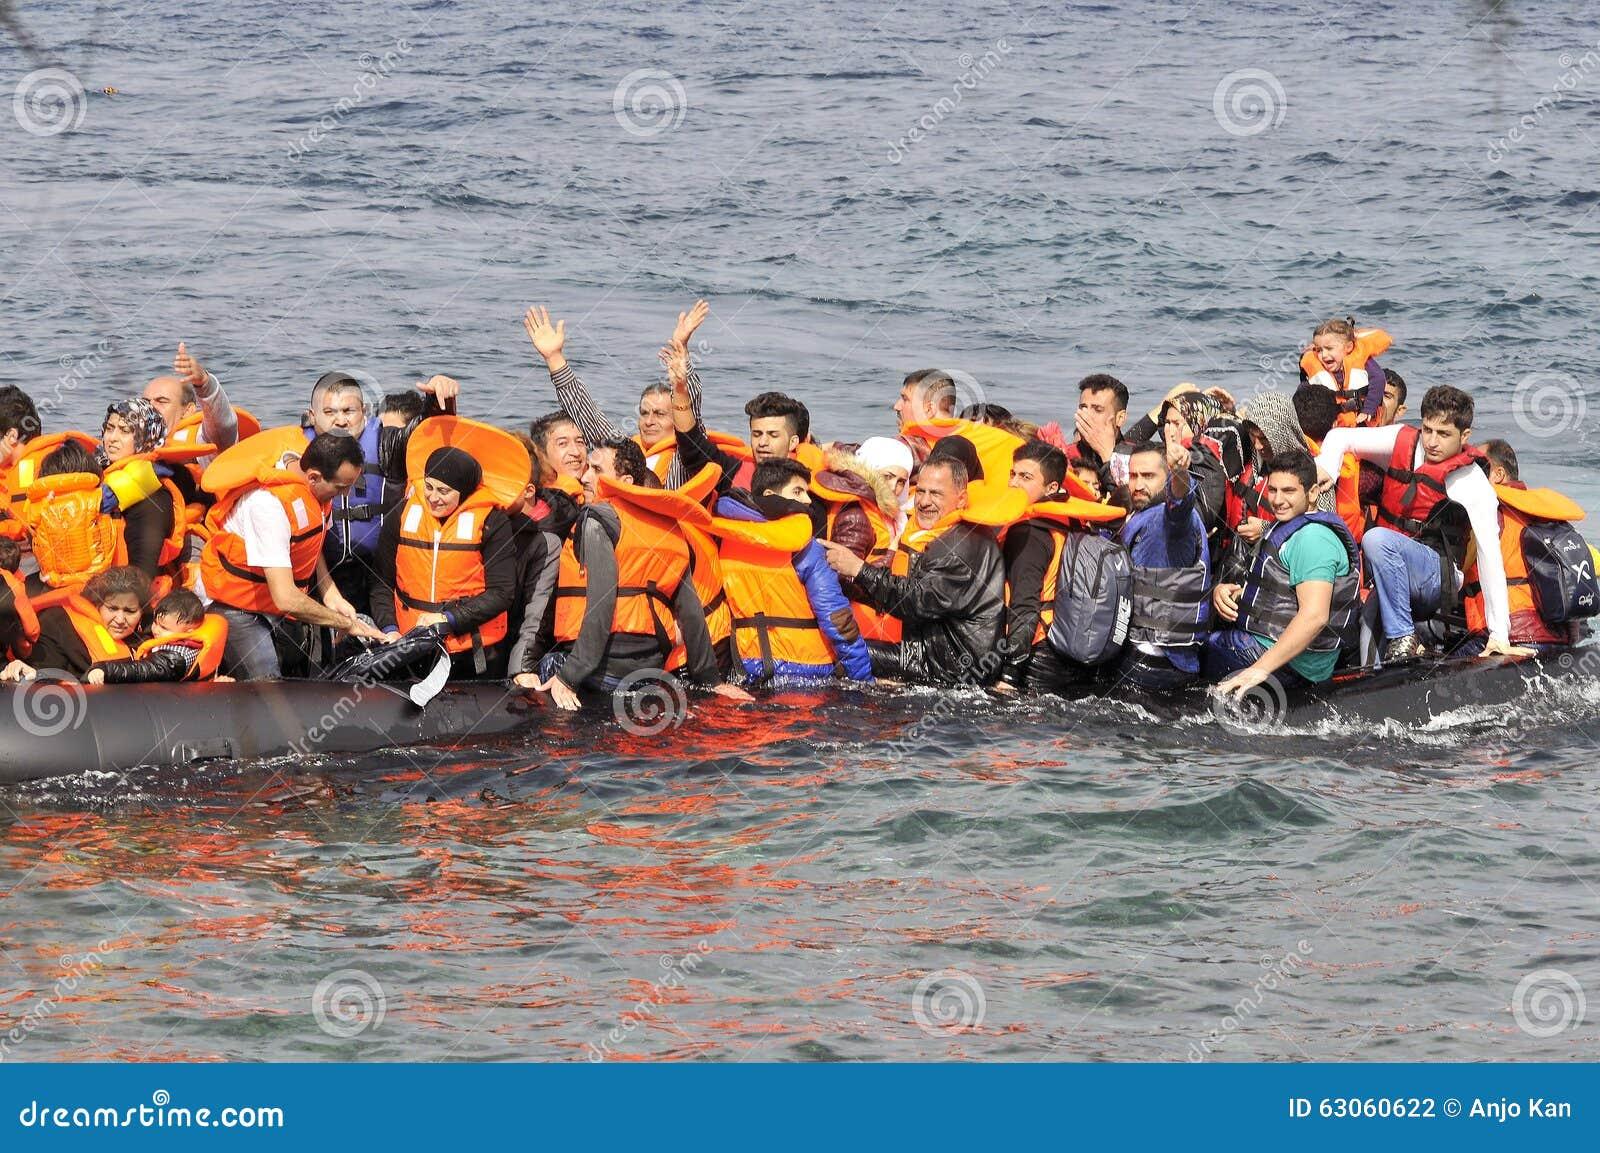 ΛΈΣΒΟΣ, ΕΛΛΑΔΑ στις 20 Οκτωβρίου 2015: Πρόσφυγες που φθάνουν στην Ελλάδα στη dingy βάρκα από την Τουρκία